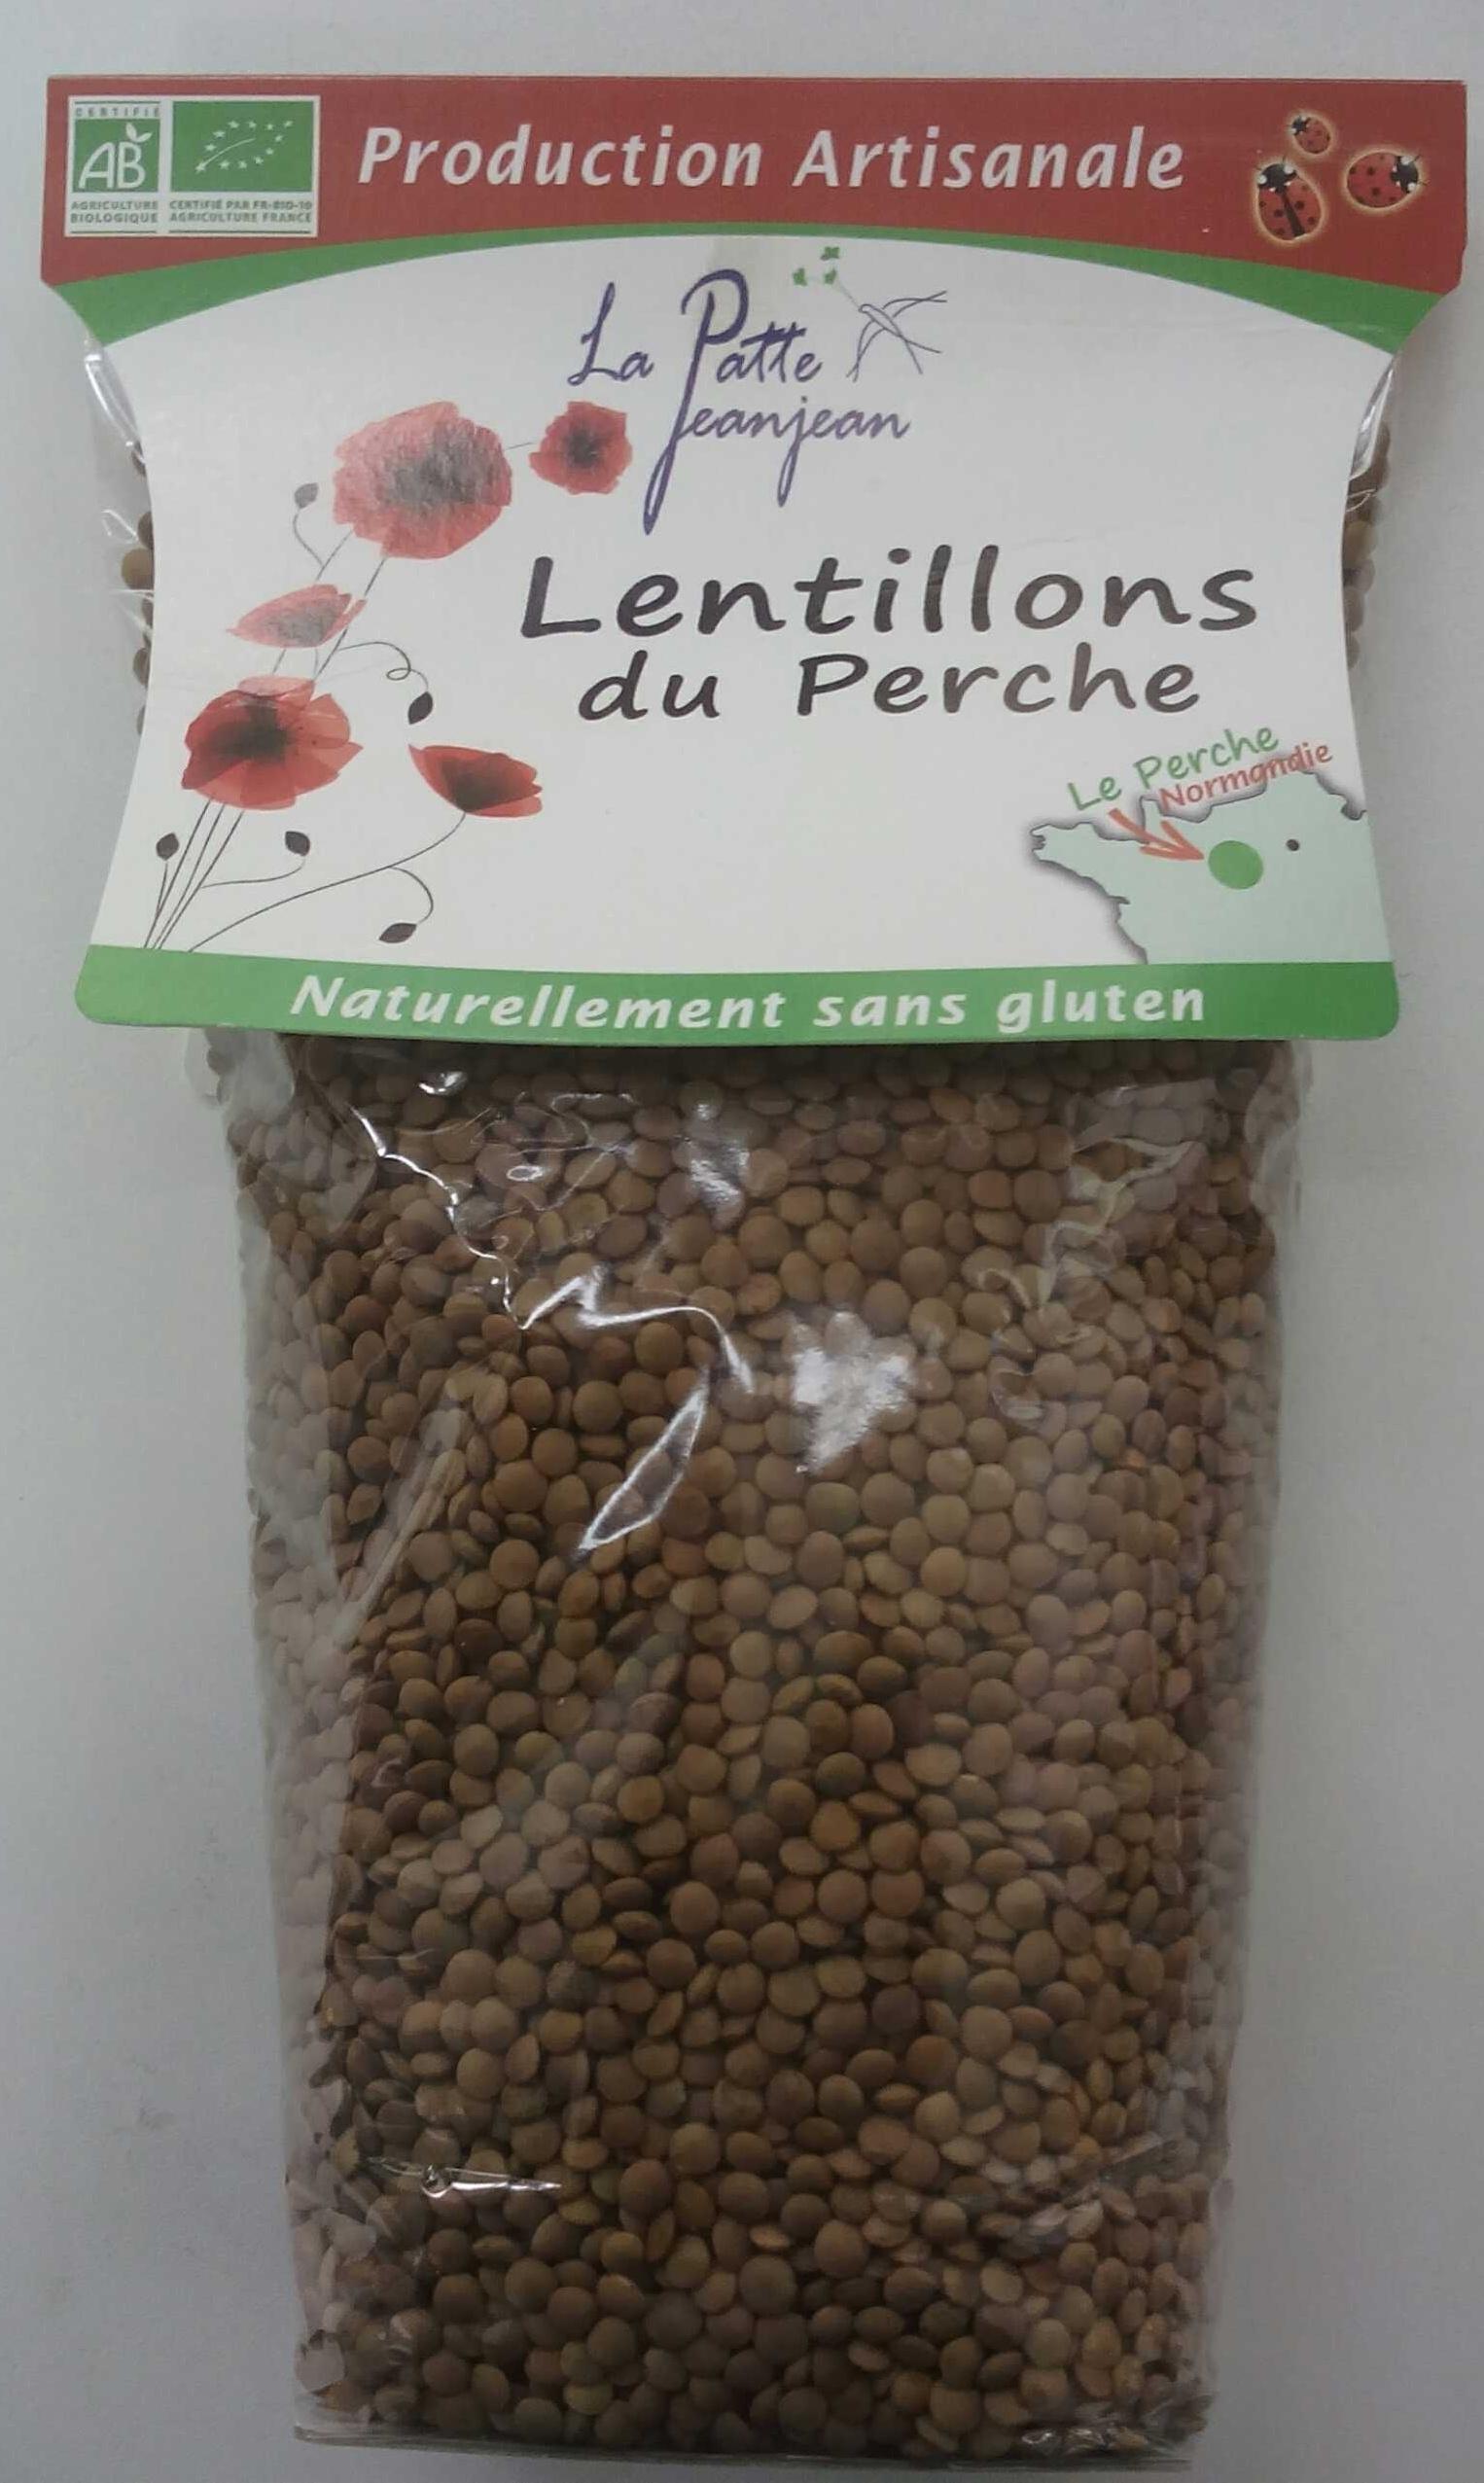 Lentillons du Perche - Product - fr